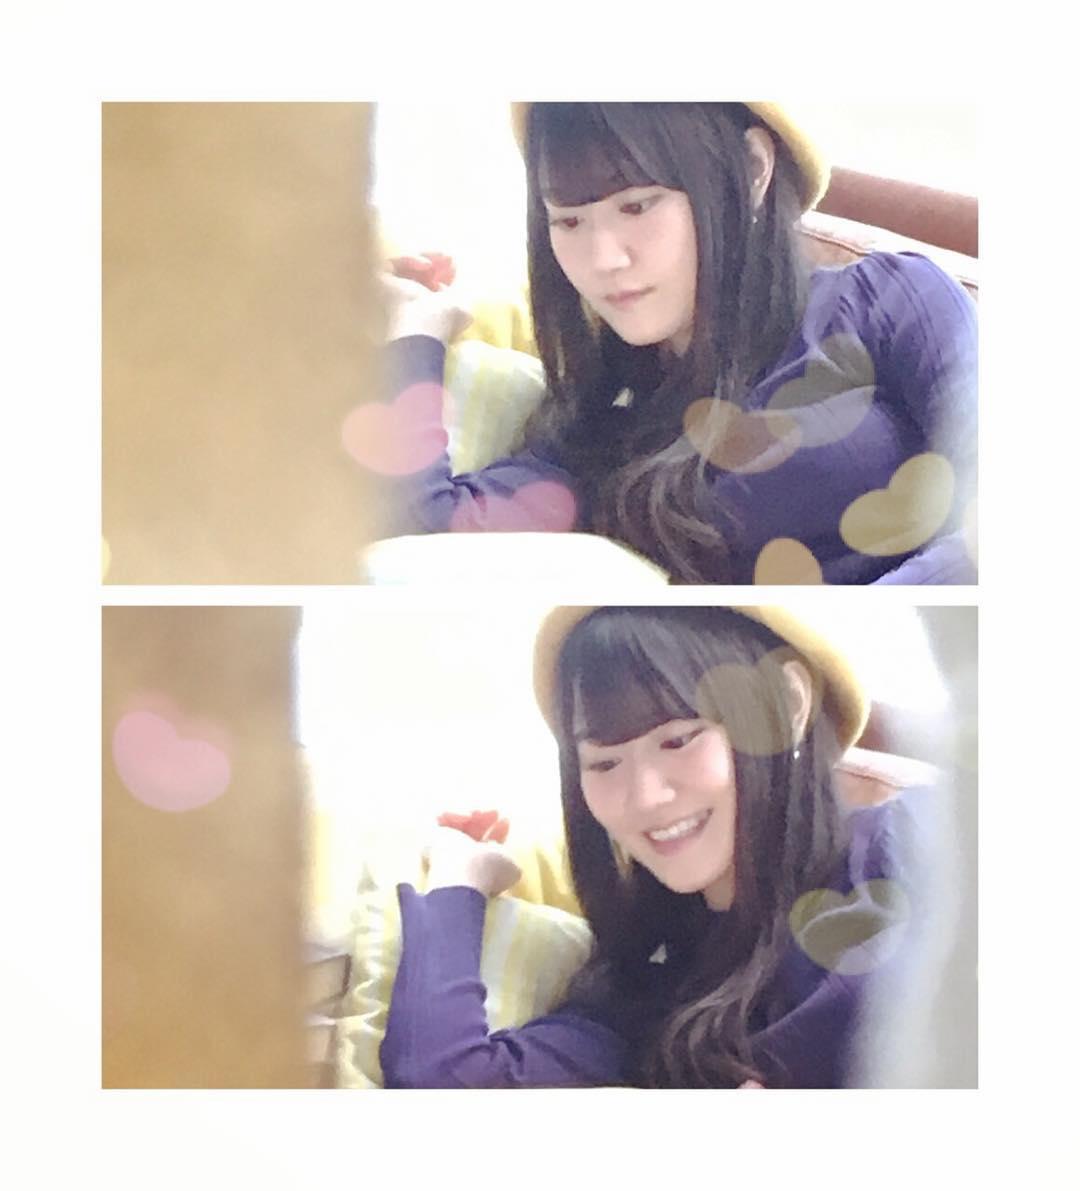 성우 오구라 유이가 자신의 인스타그램에 올린 사진